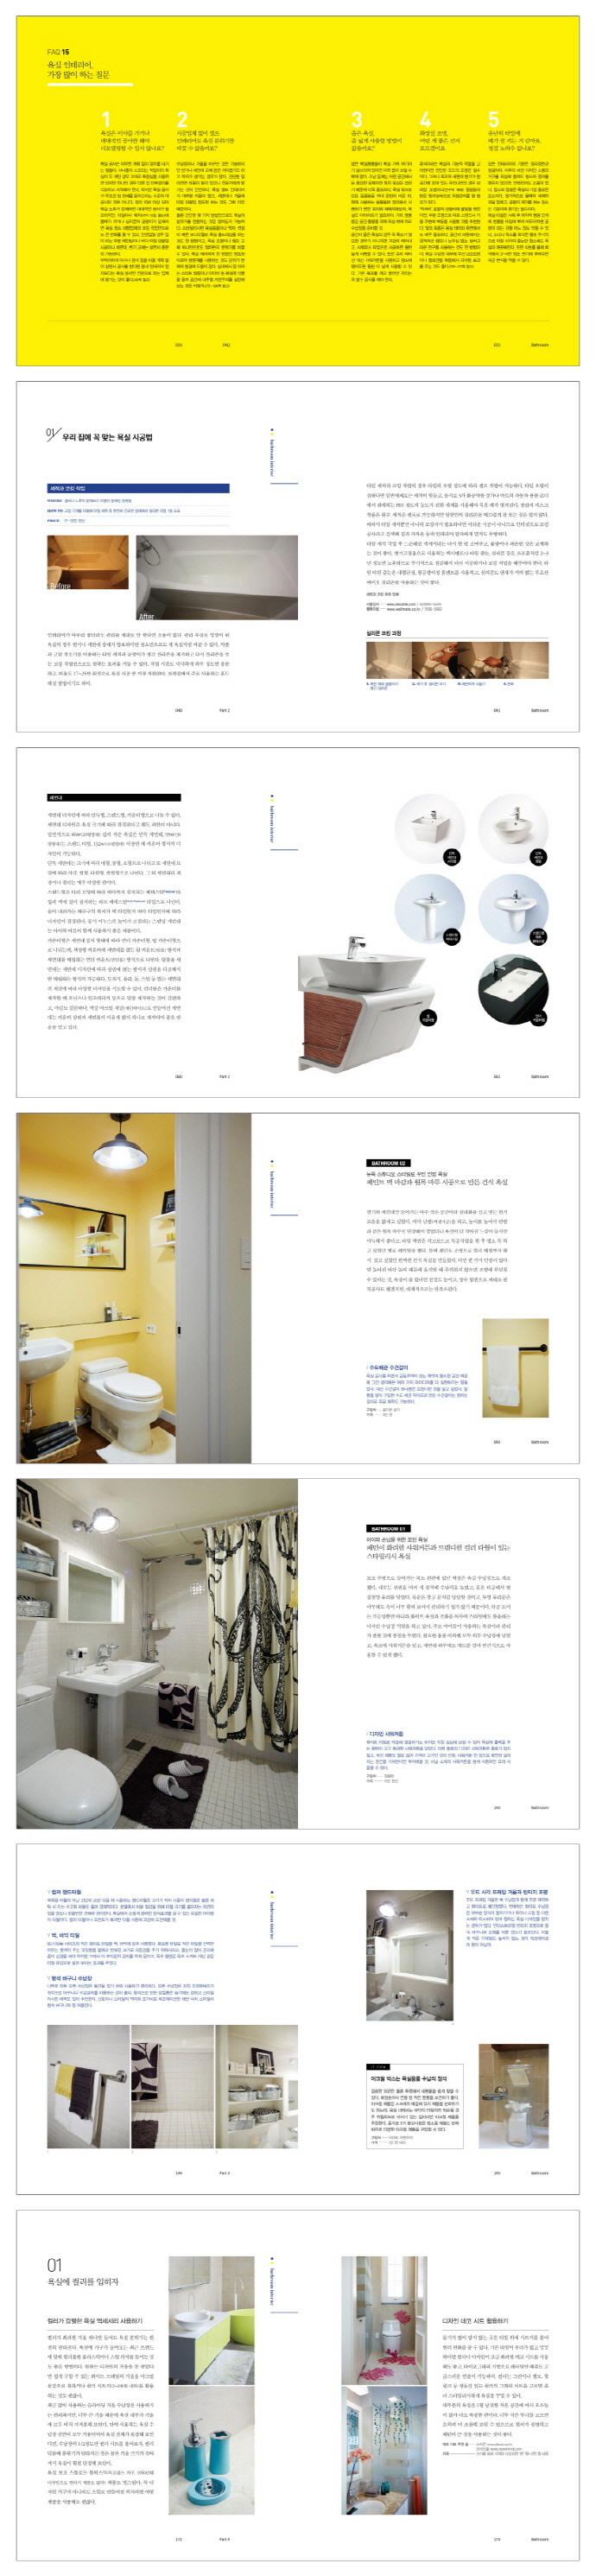 욕실 인테리어 - 인터넷교보문고